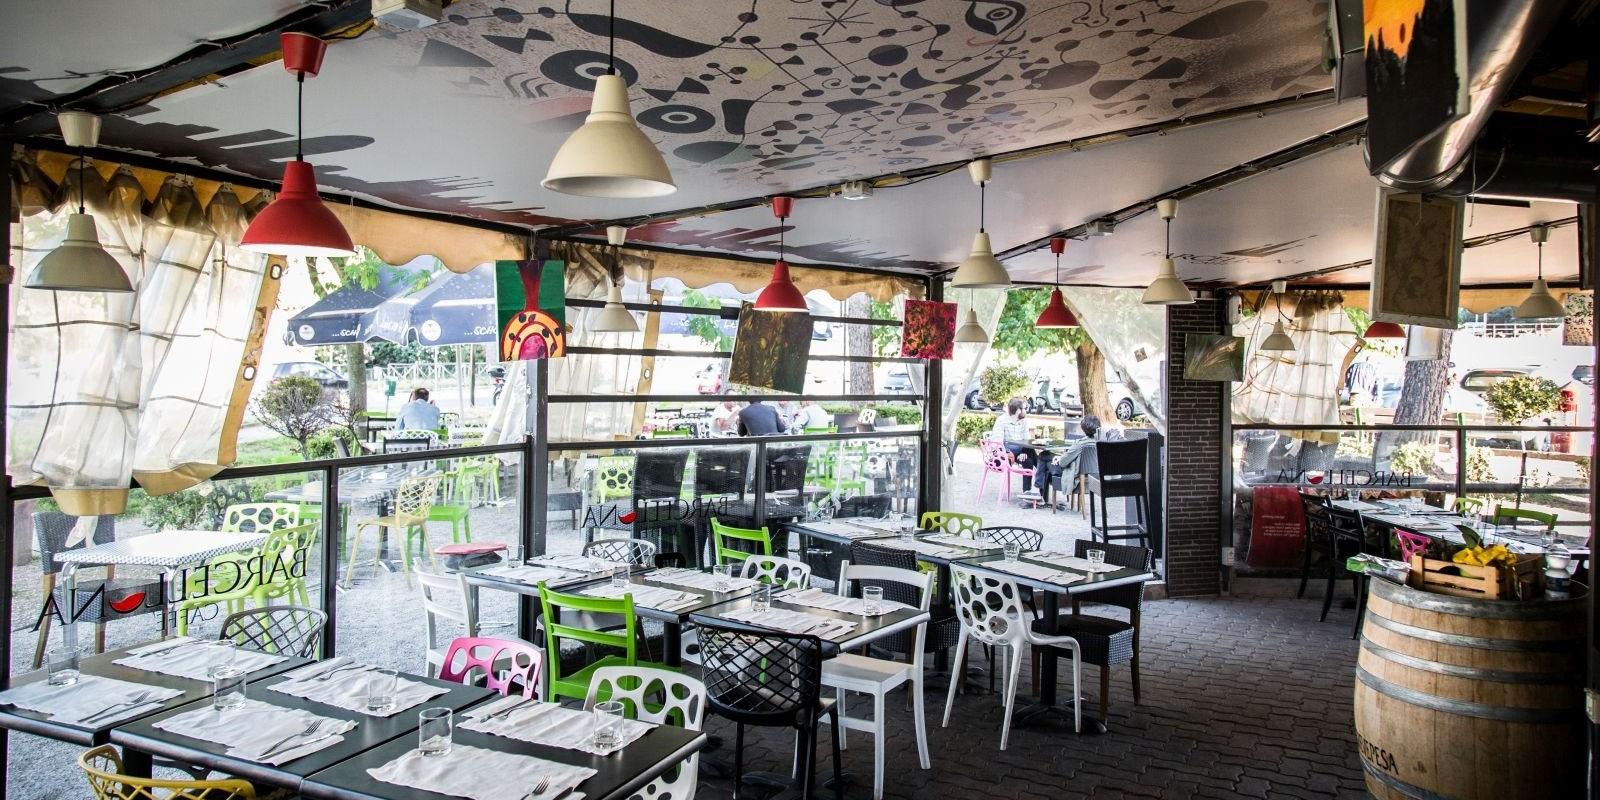 15 ristoranti dove mangiare all aperto a roma - Ristorante con tavoli all aperto roma ...